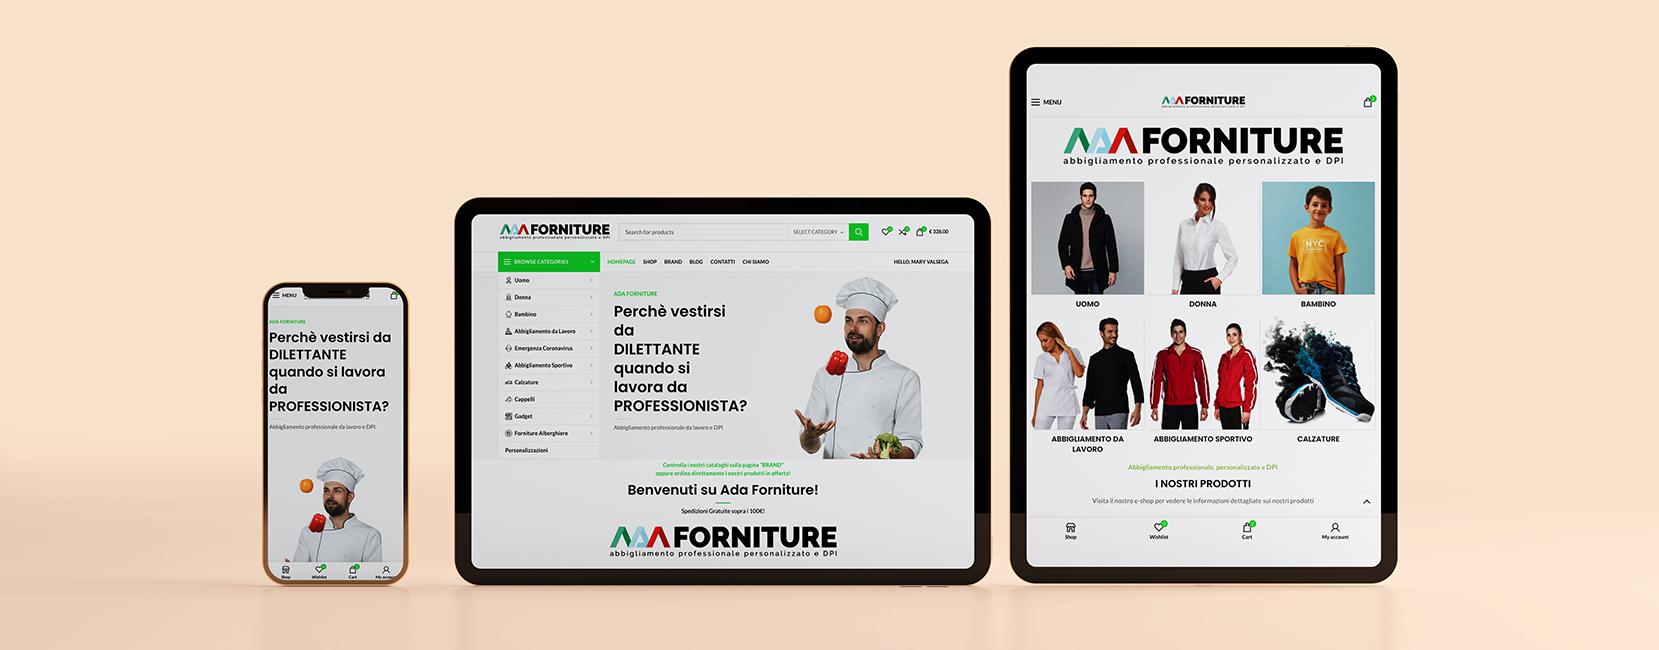 www.adaforniture.it